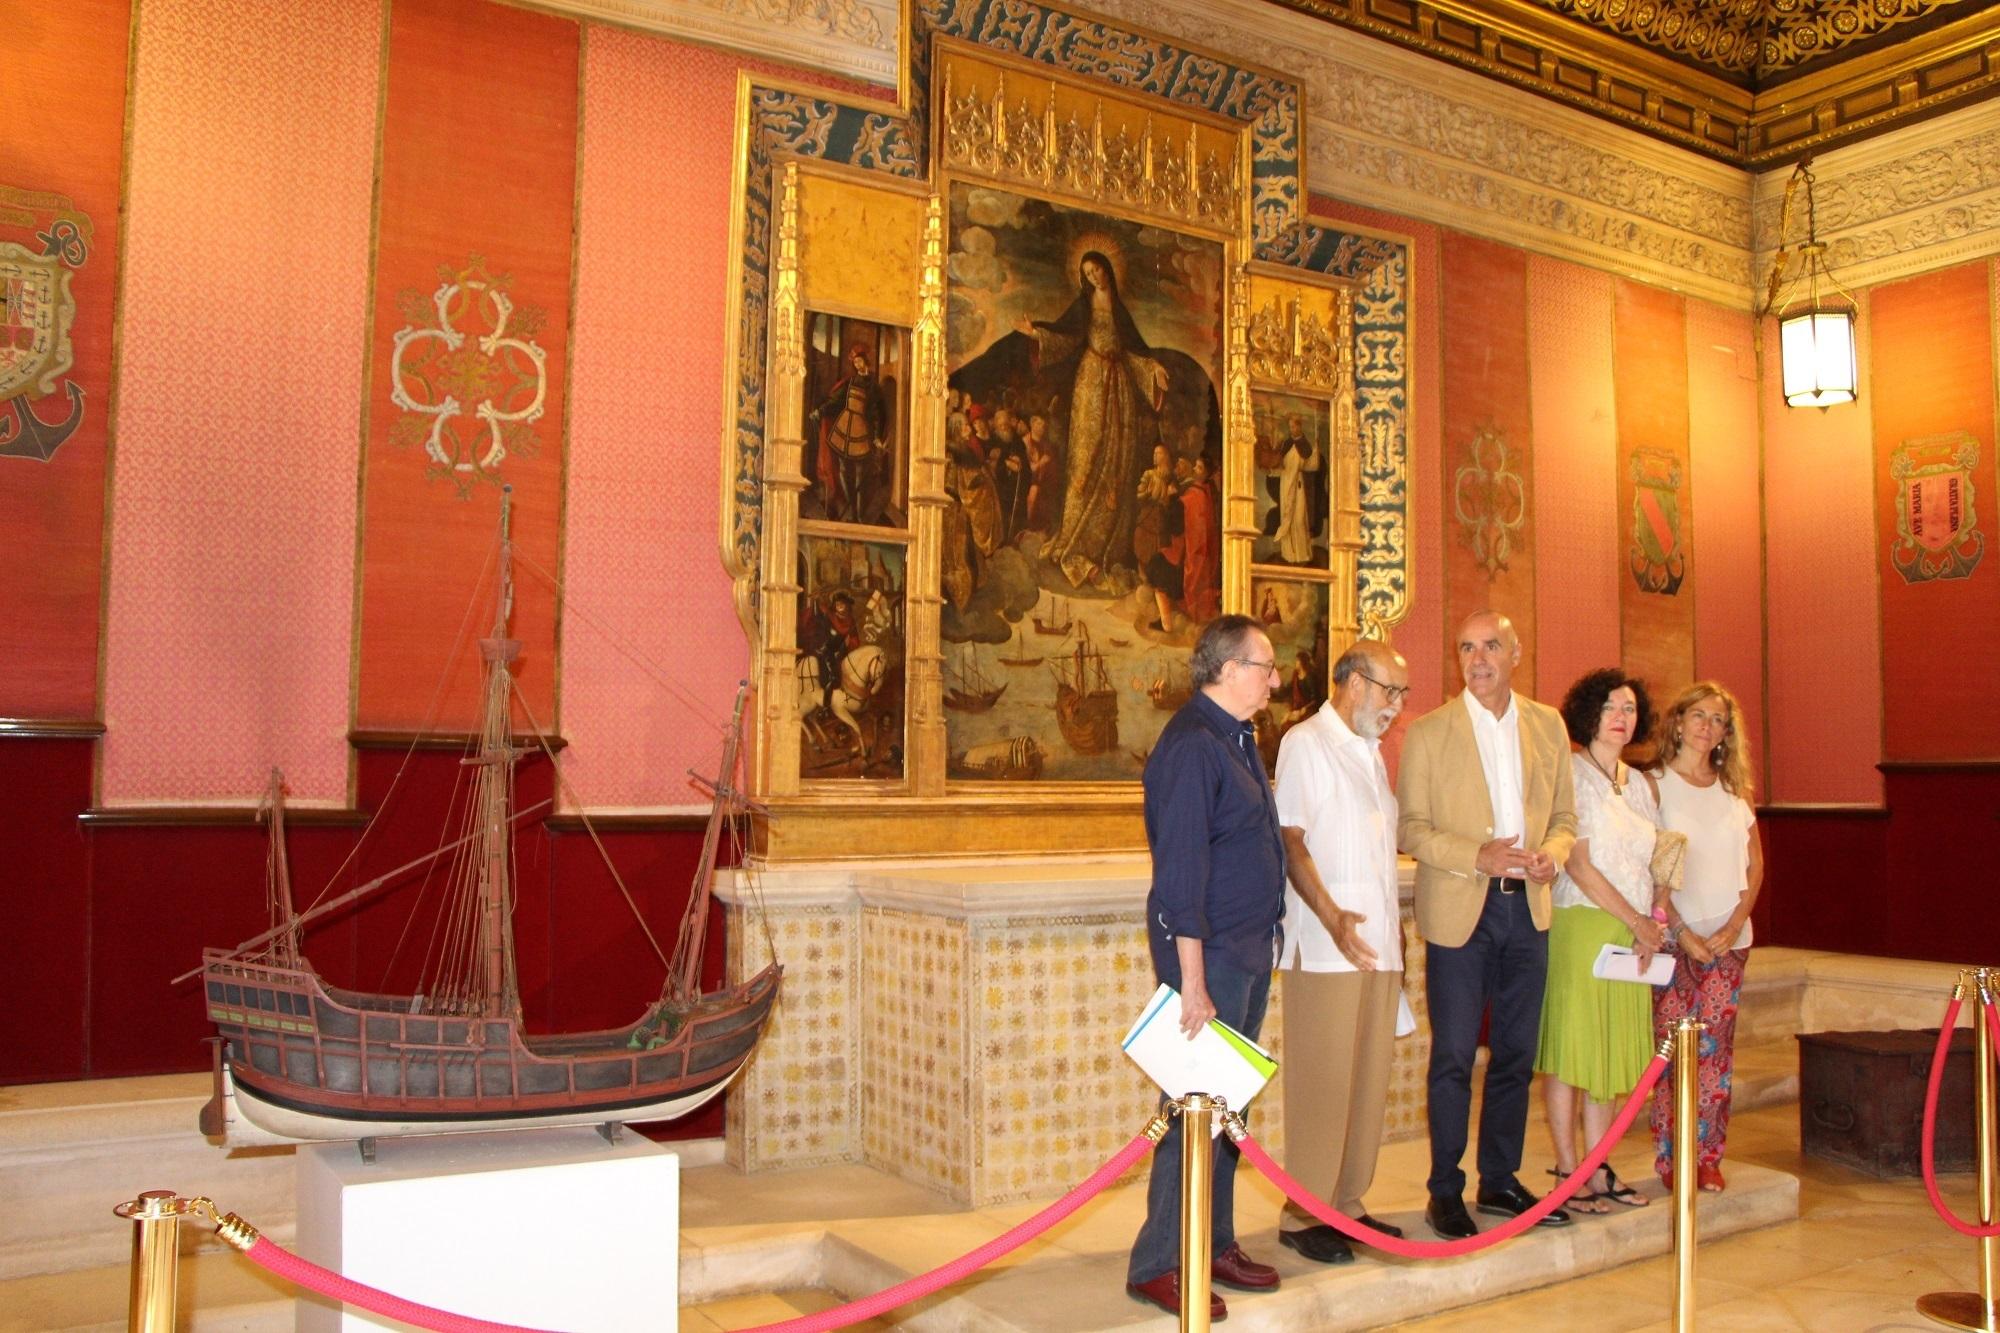 El ciclo Noches en los Jardines del Real Alcázar comienza el 27 de junio